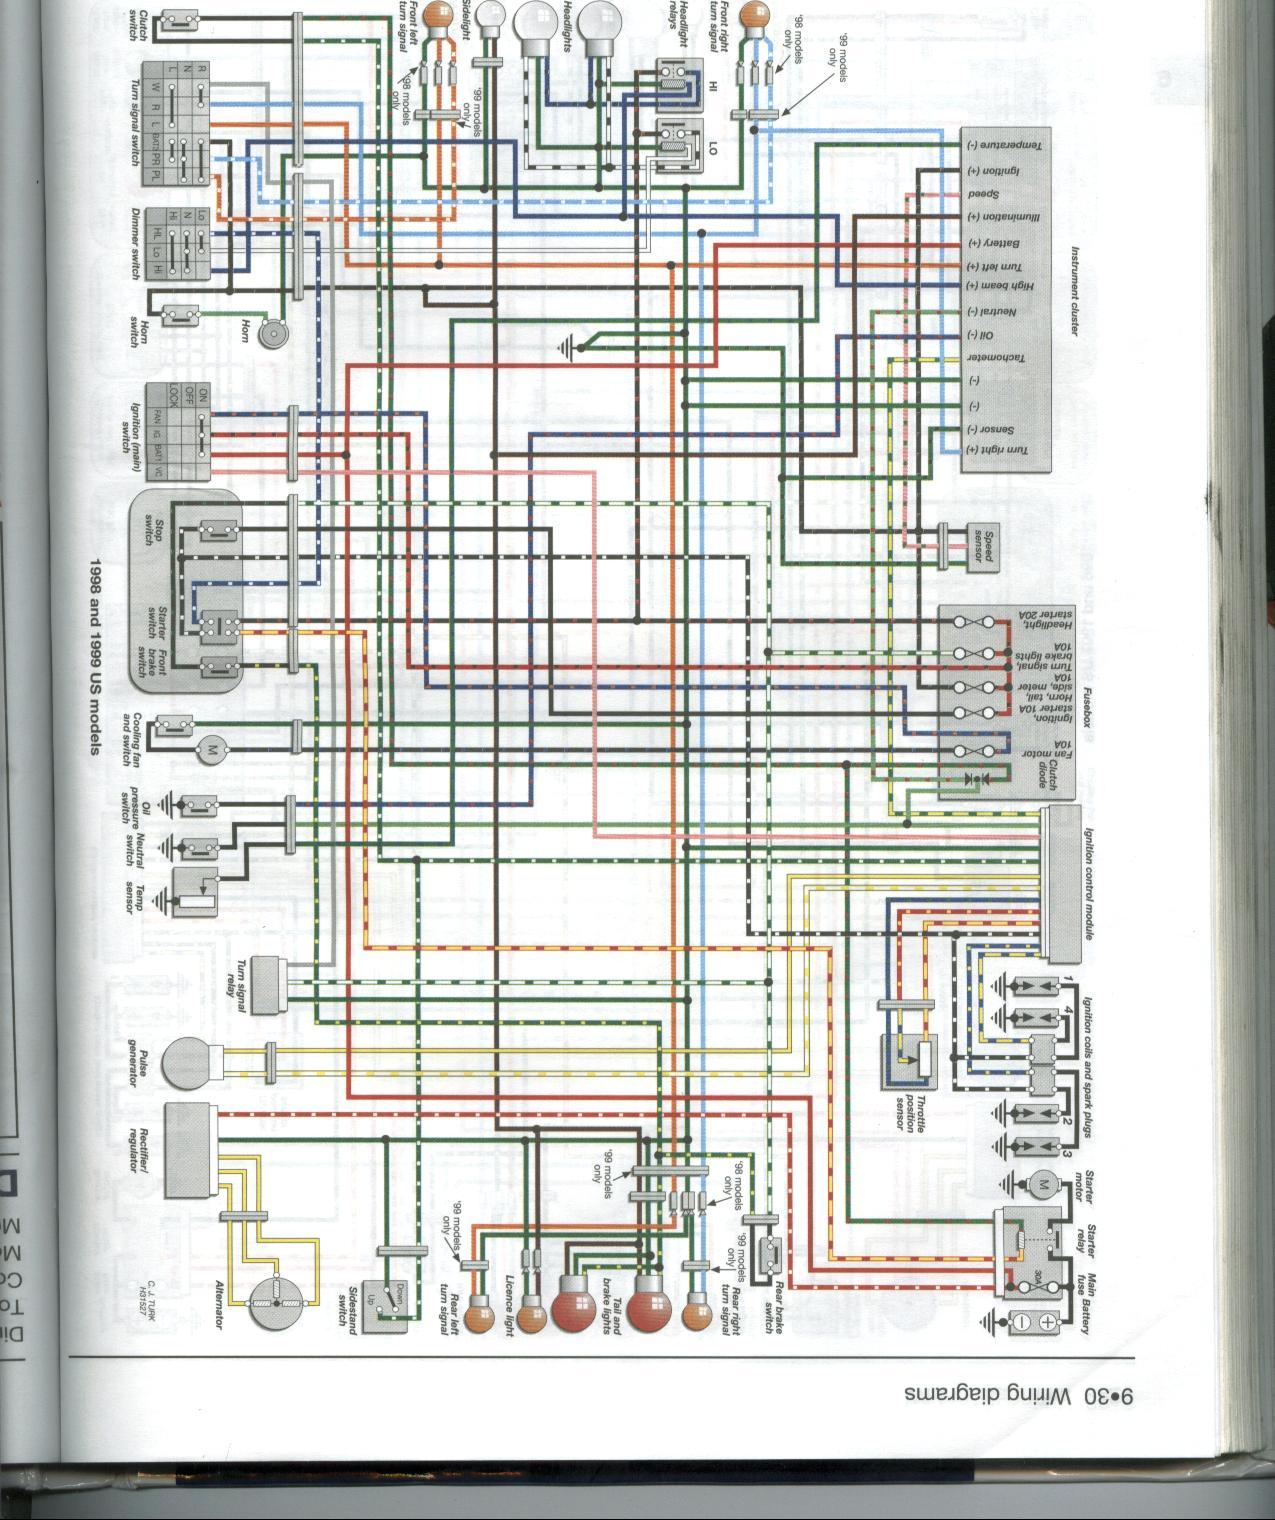 92 Cbr900rr Wiring Diagram - 2004 Honda Element Wiring Schematic for Wiring  Diagram Schematics